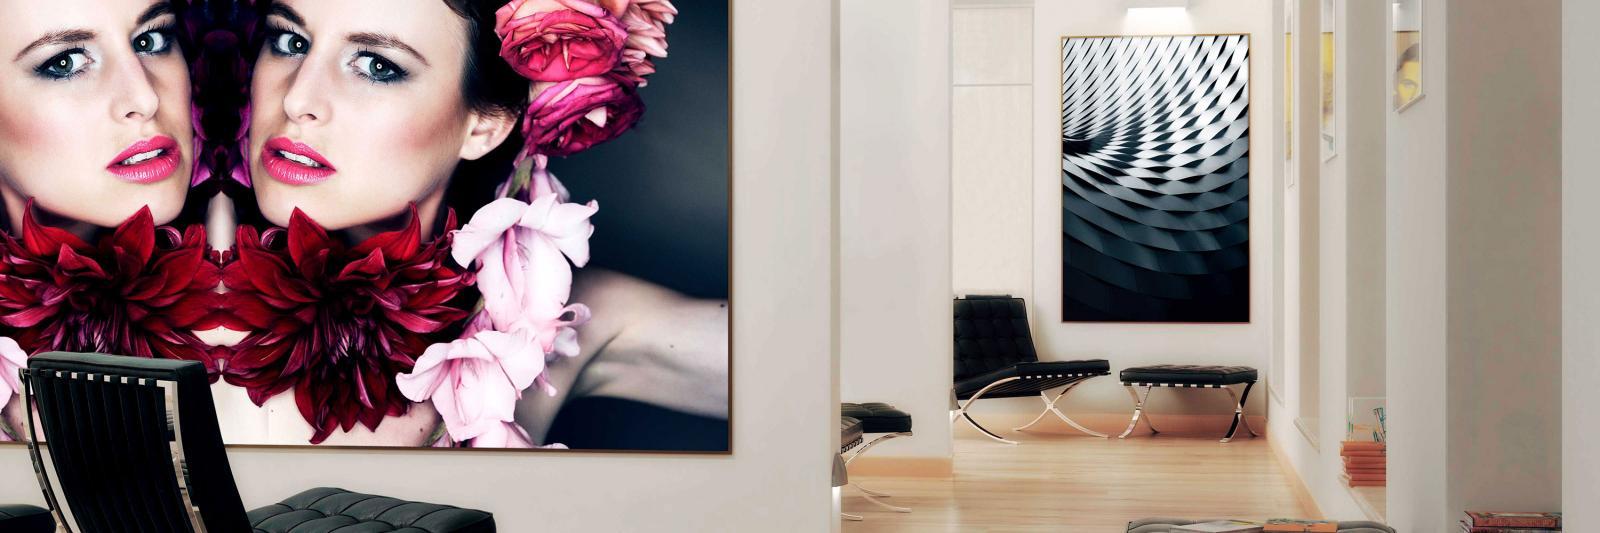 Bedruckbare Fotopapiere für grossformatige Werbung - Poster mit 2 Frauenköpfen und roten Blüten in einem weissen Flur